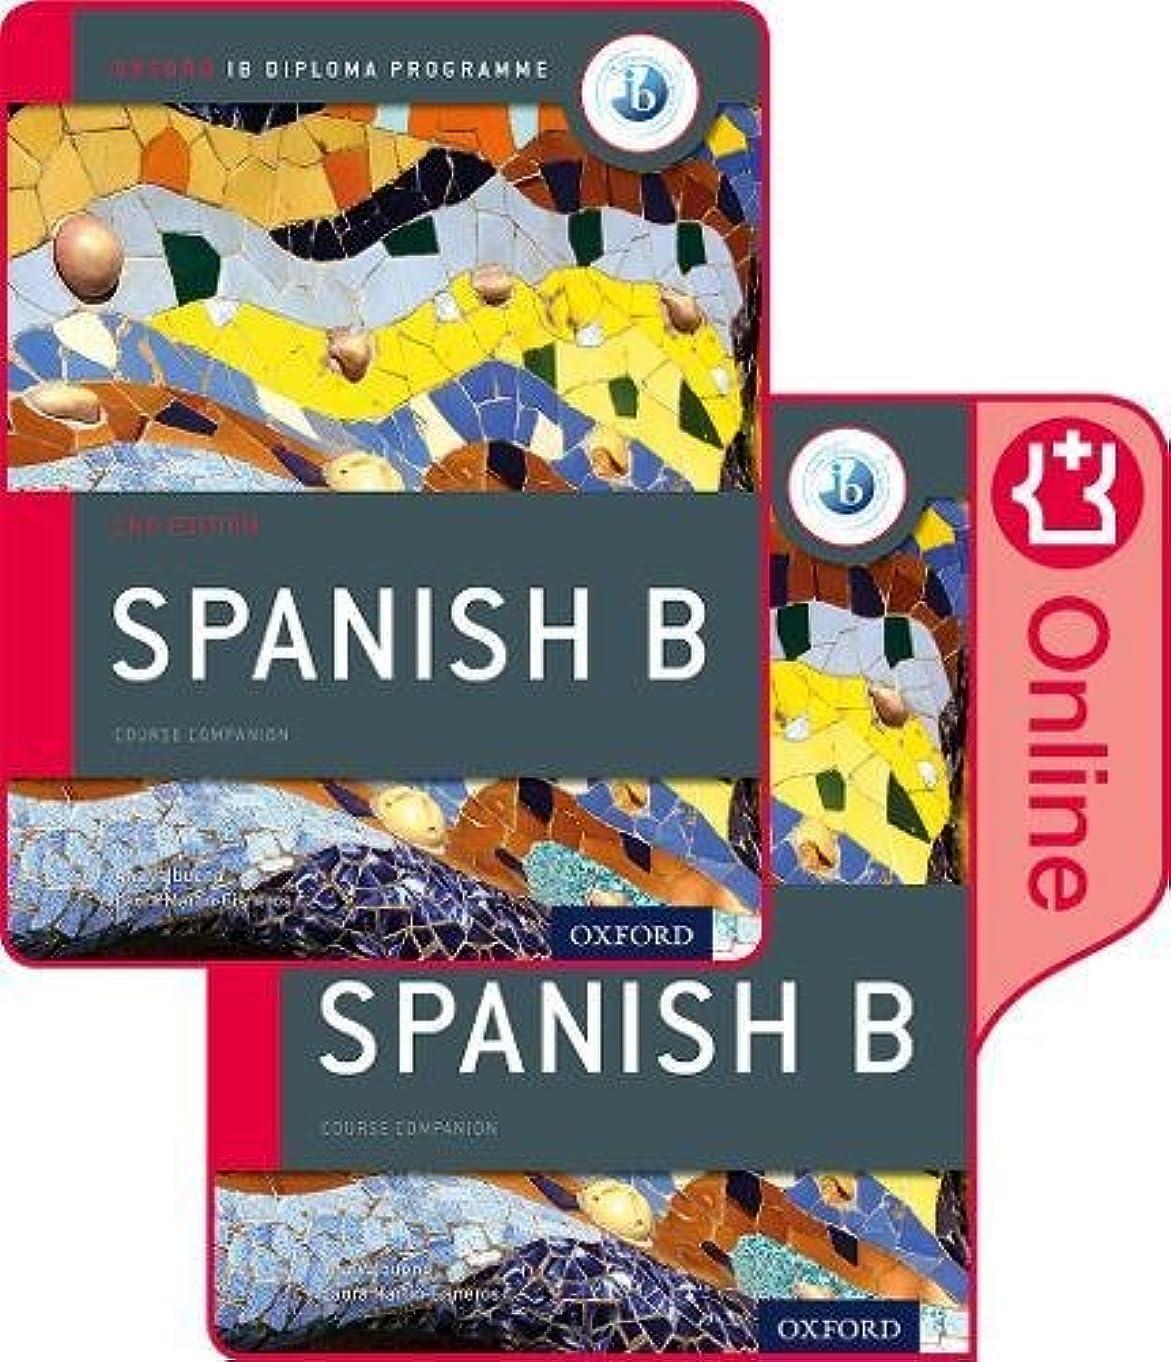 味付けかける計算IB Spanish B Course Book Pack: Oxford IB Diploma Programme (Print Course Book & Enhanced Online Course Book)